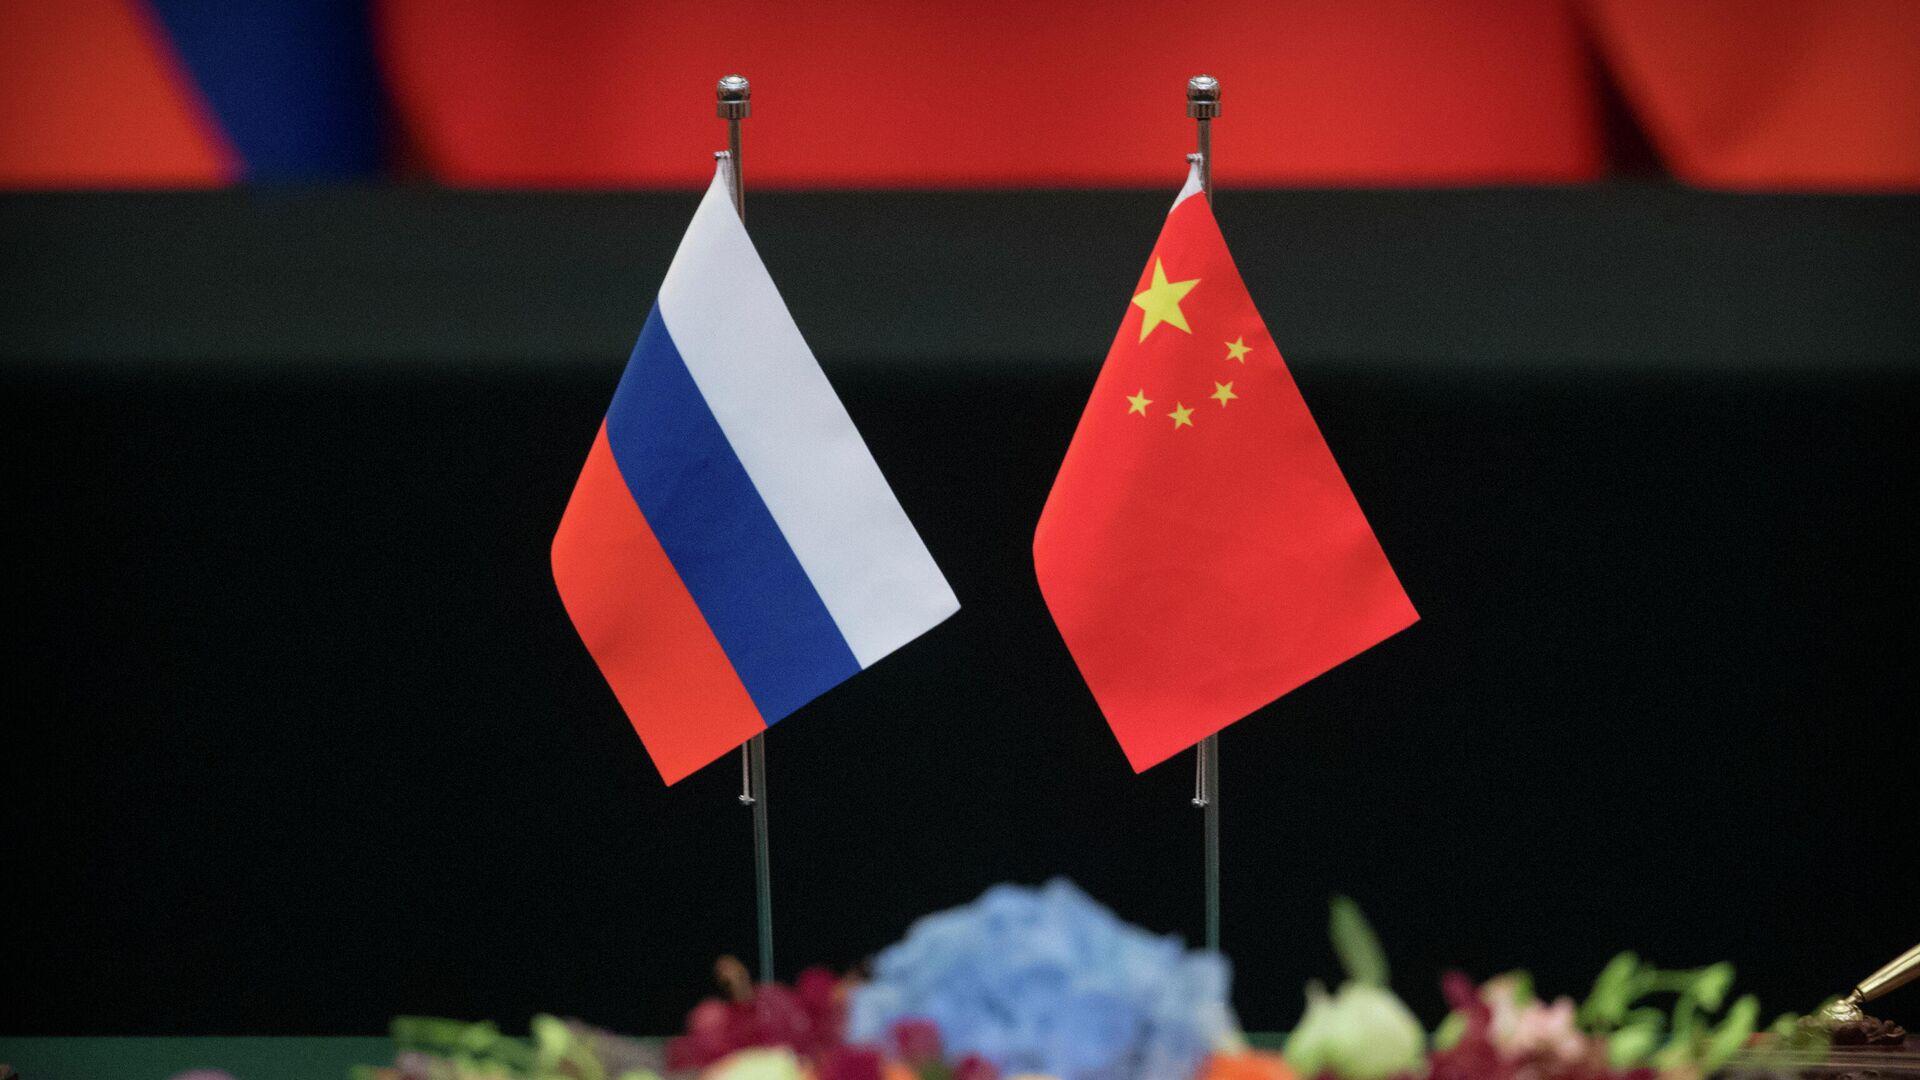 Государственные флаги России и Китая на столе в Доме народных собраний в Пекине - РИА Новости, 1920, 06.03.2021